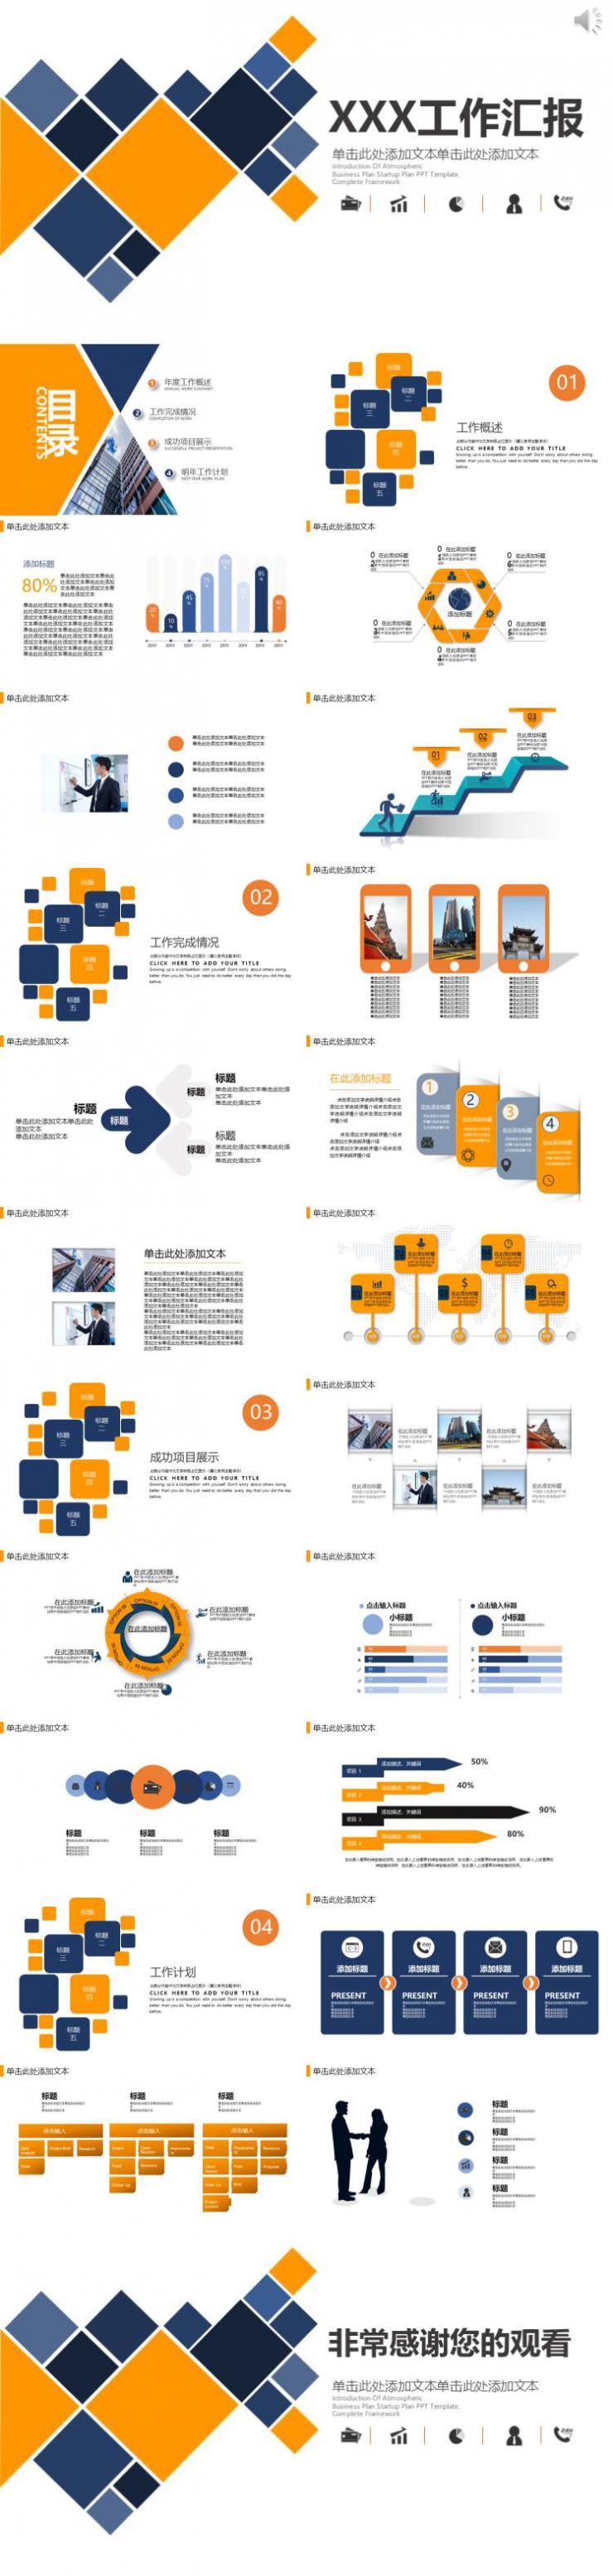 高端大气商务工作汇报年度总结PPT模板